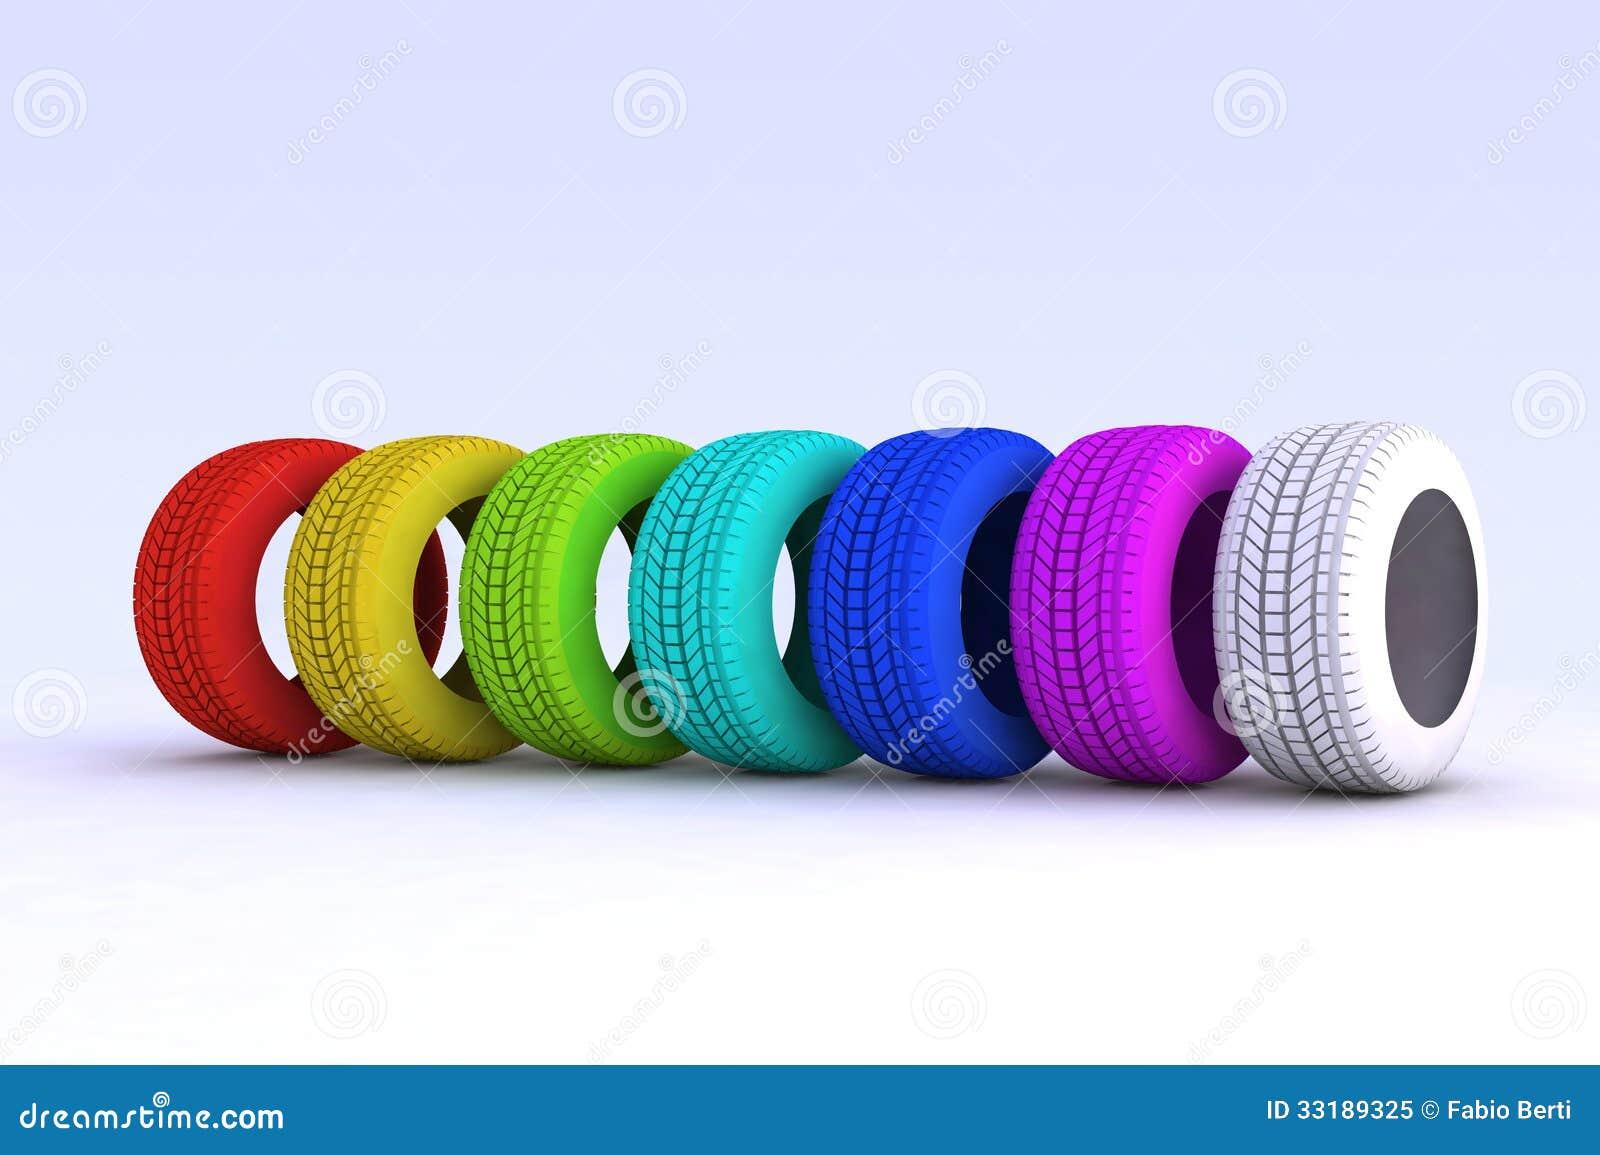 sieben farbige reifen lizenzfreies stockfoto bild 33189325. Black Bedroom Furniture Sets. Home Design Ideas